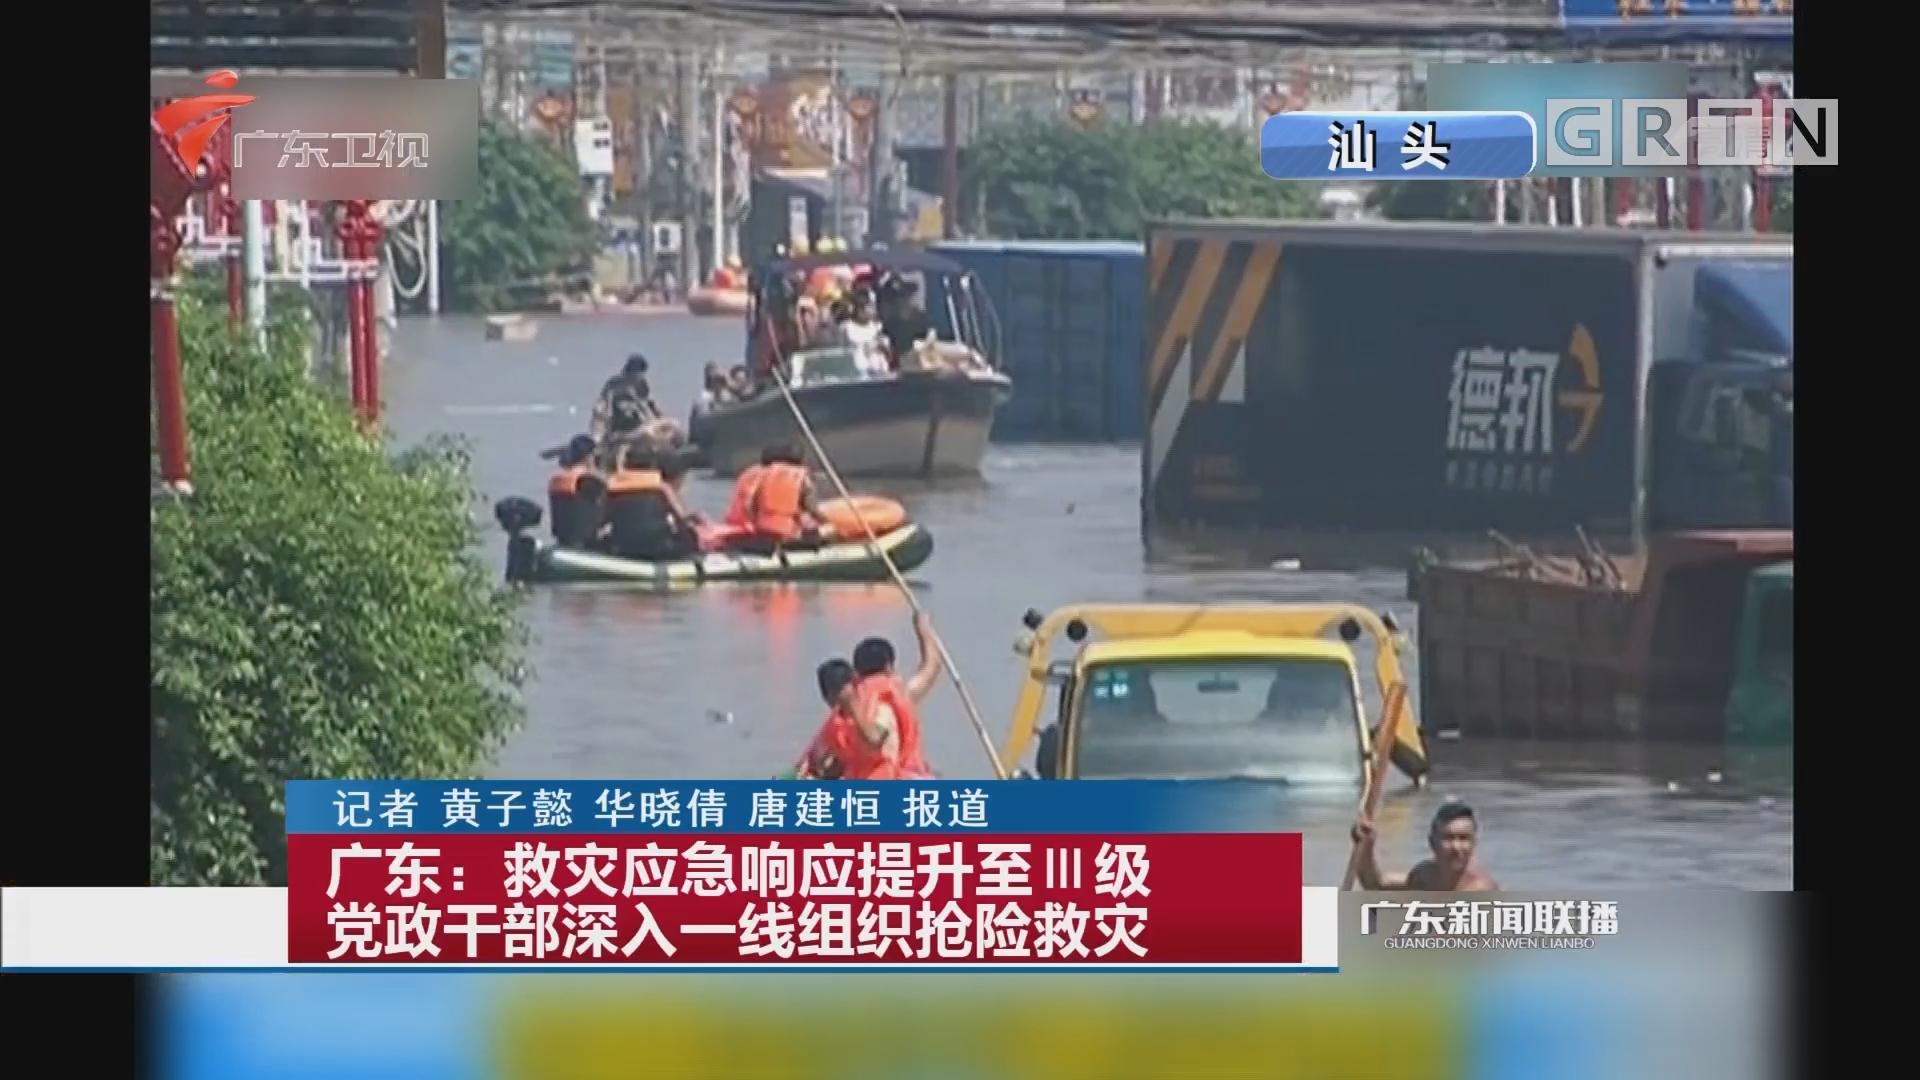 广东:救灾应急响应提升至III级 党政干部深入一线组织抢险救灾